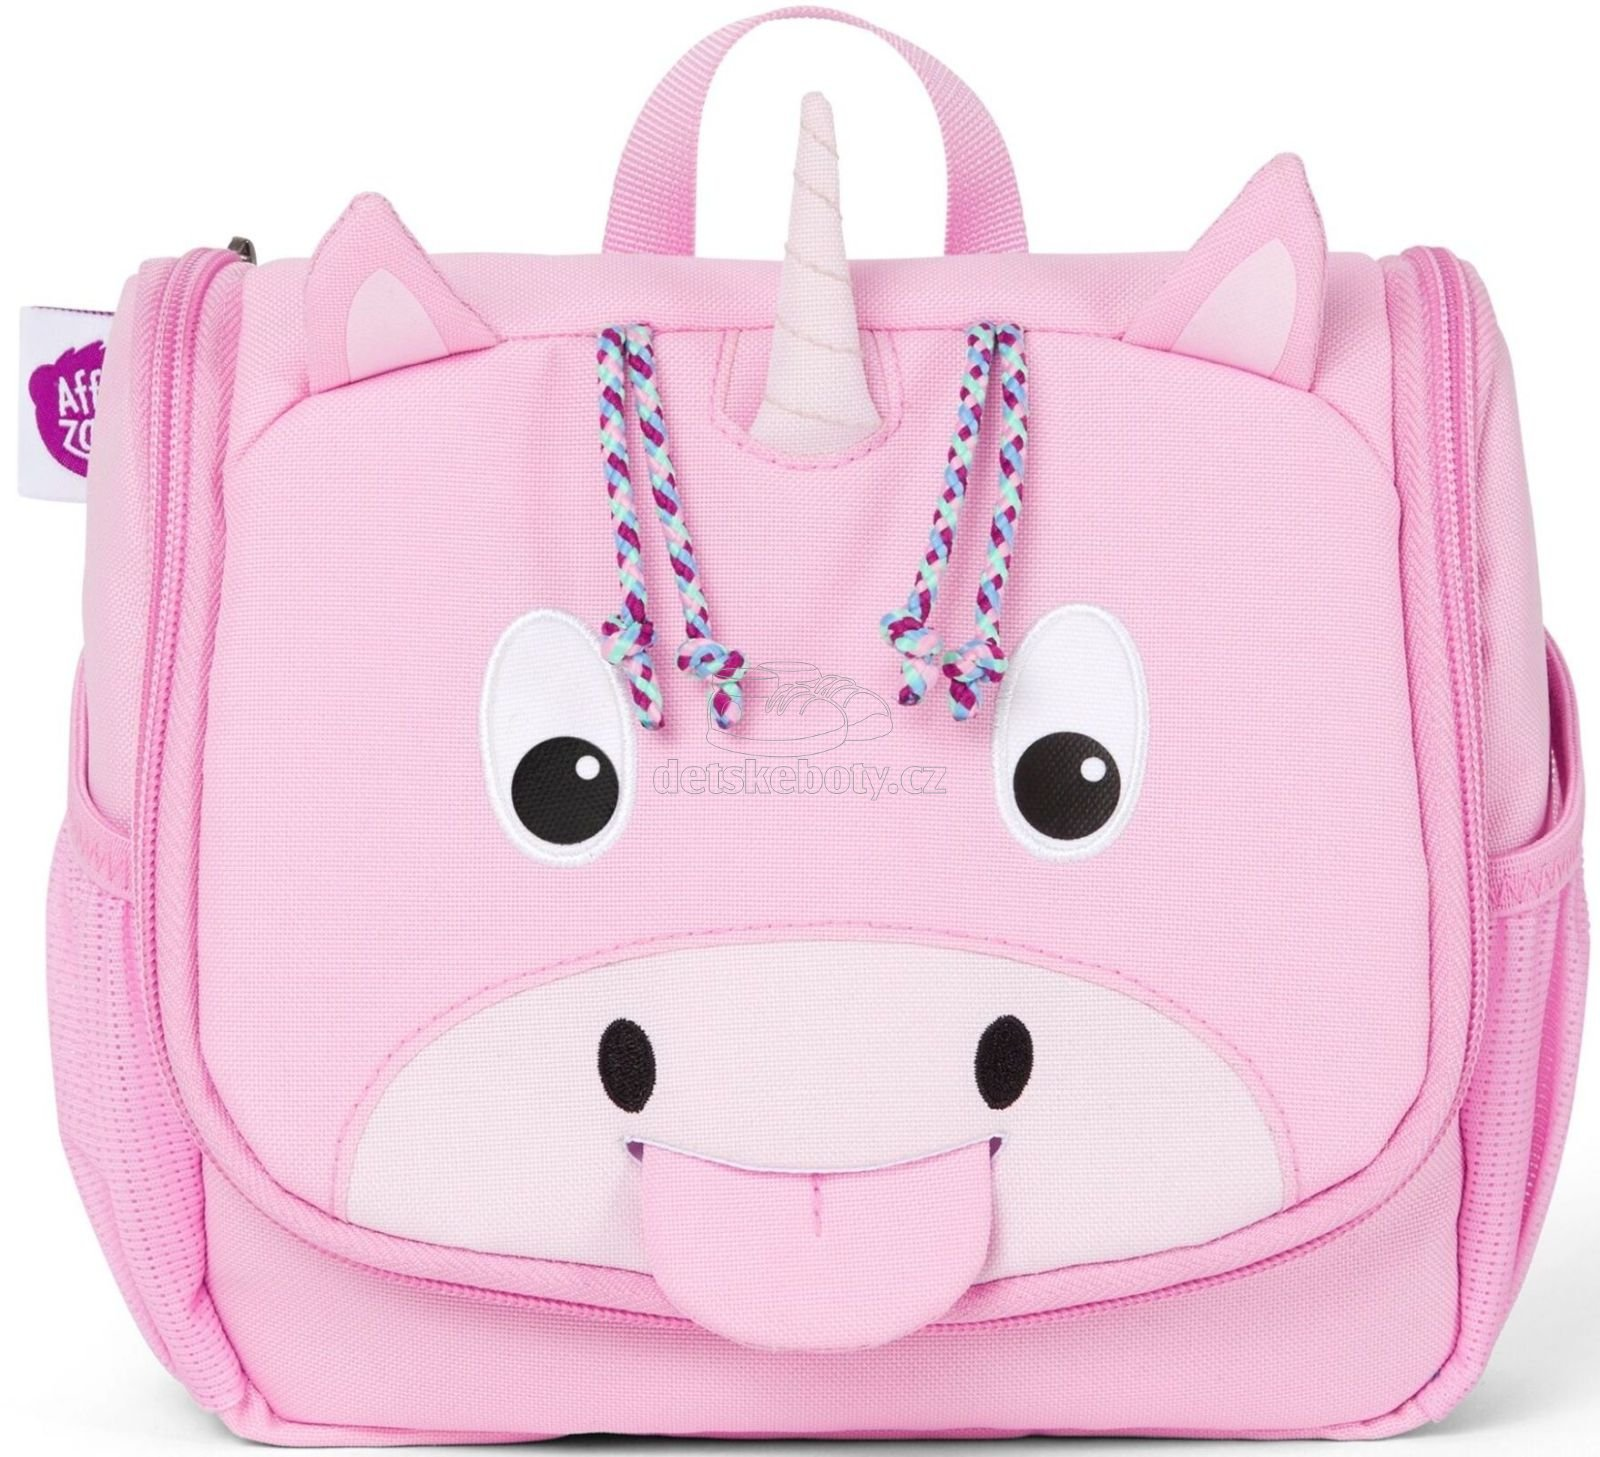 Detská kozmetická taštička Affenzahn Washbag - Ulrike Unicorn - pink